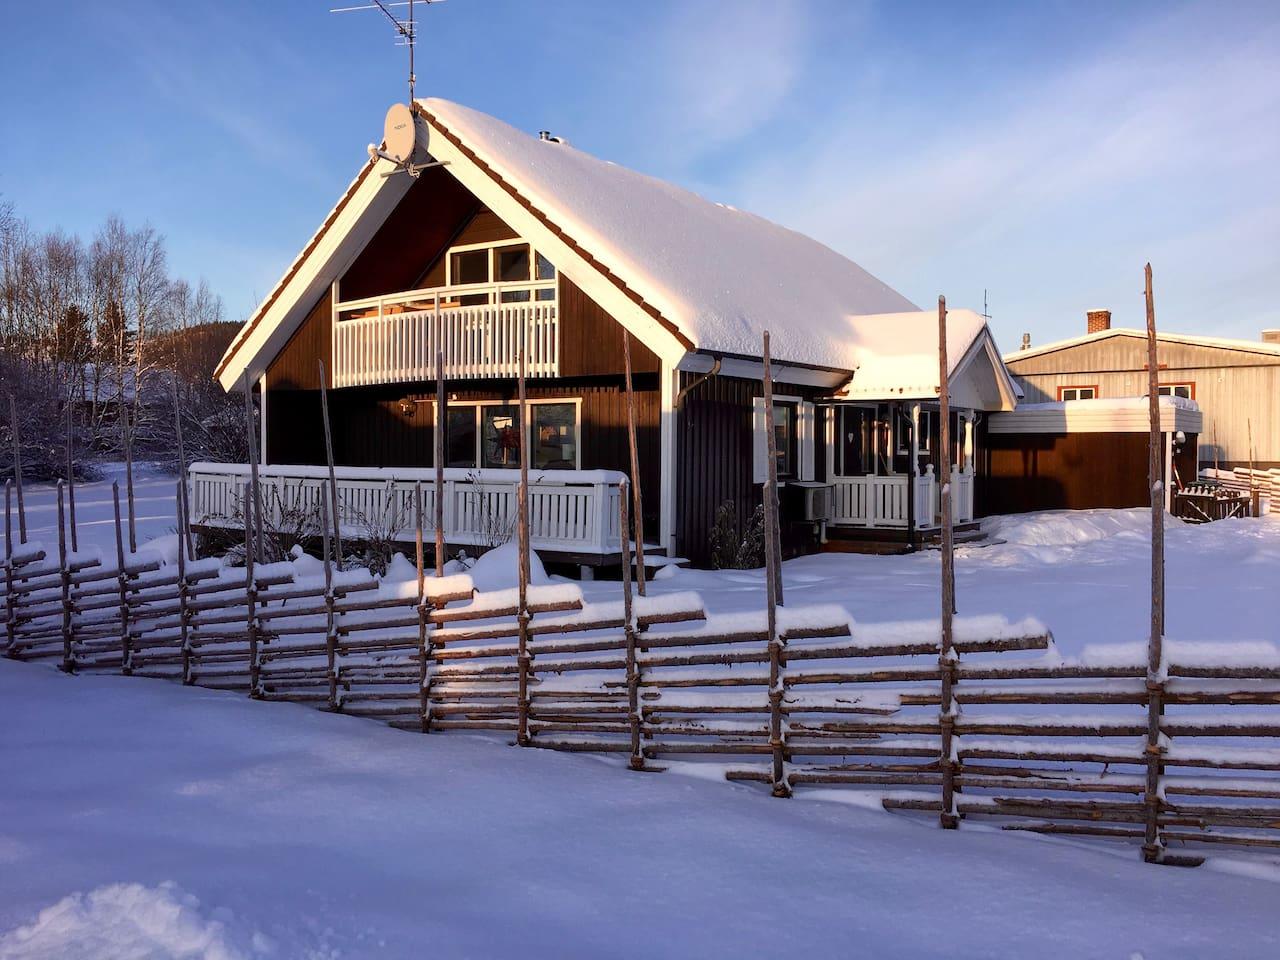 Centralt beläget mitt i Vemdalens By, mitt emellan Skalet och Björnrike. Mindre än 10min i bil till endera anläggning.